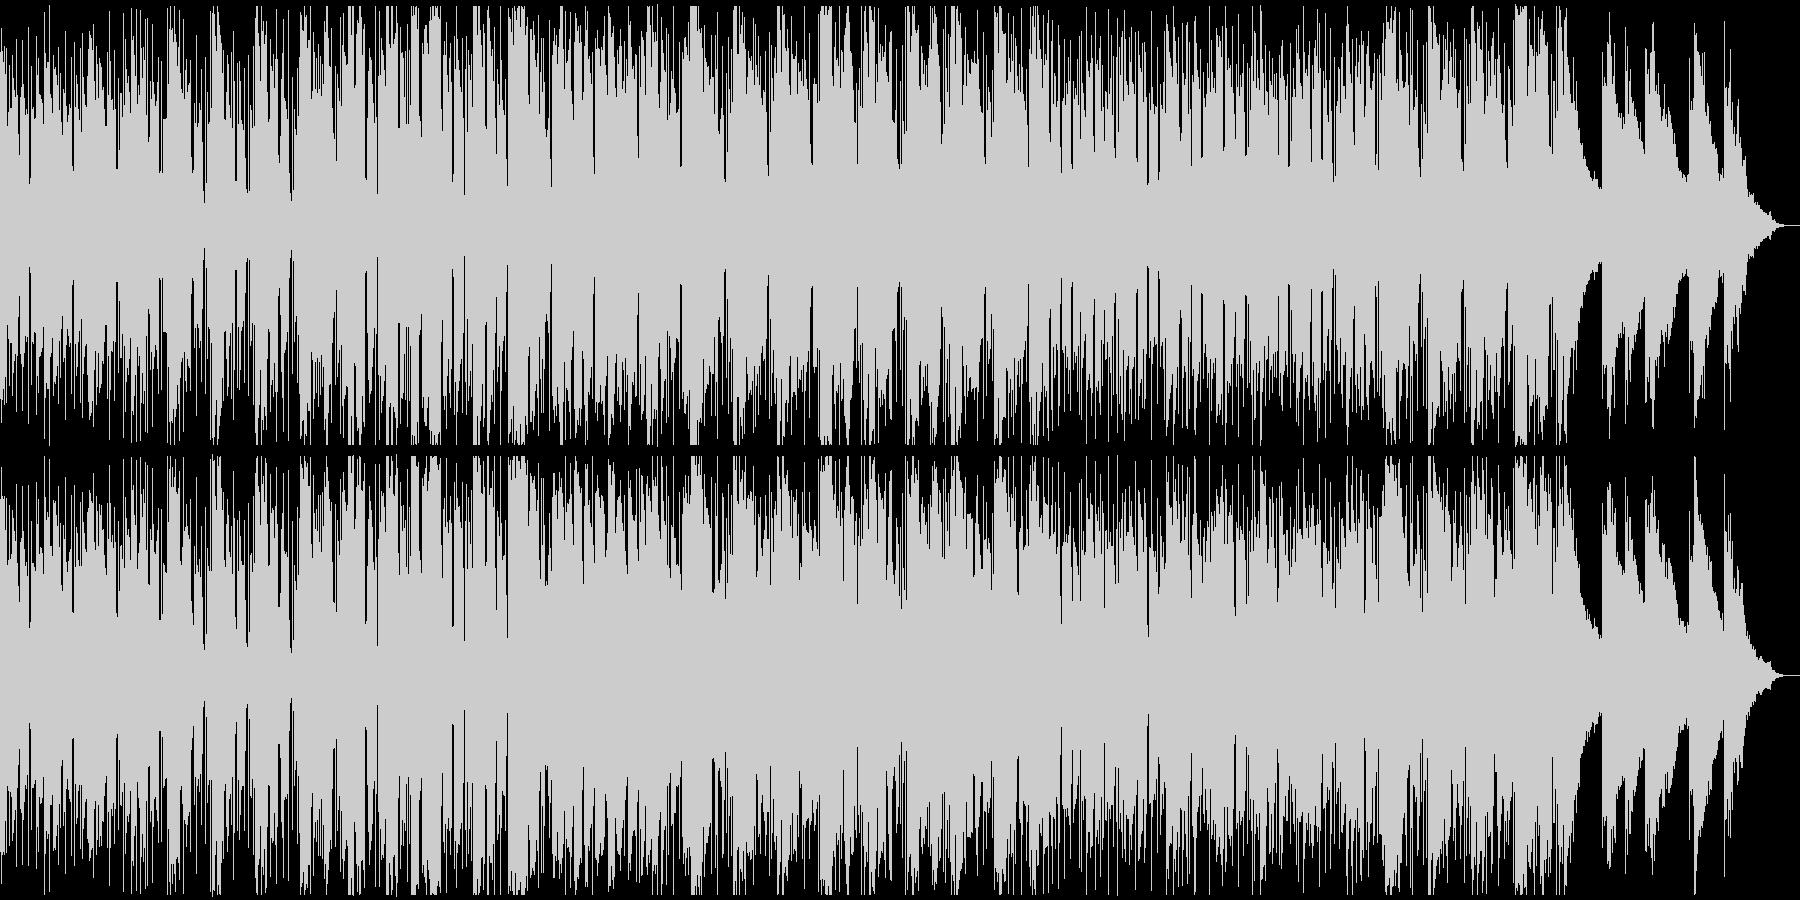 ウェスタン西部劇風のギターの渋いBGMの未再生の波形